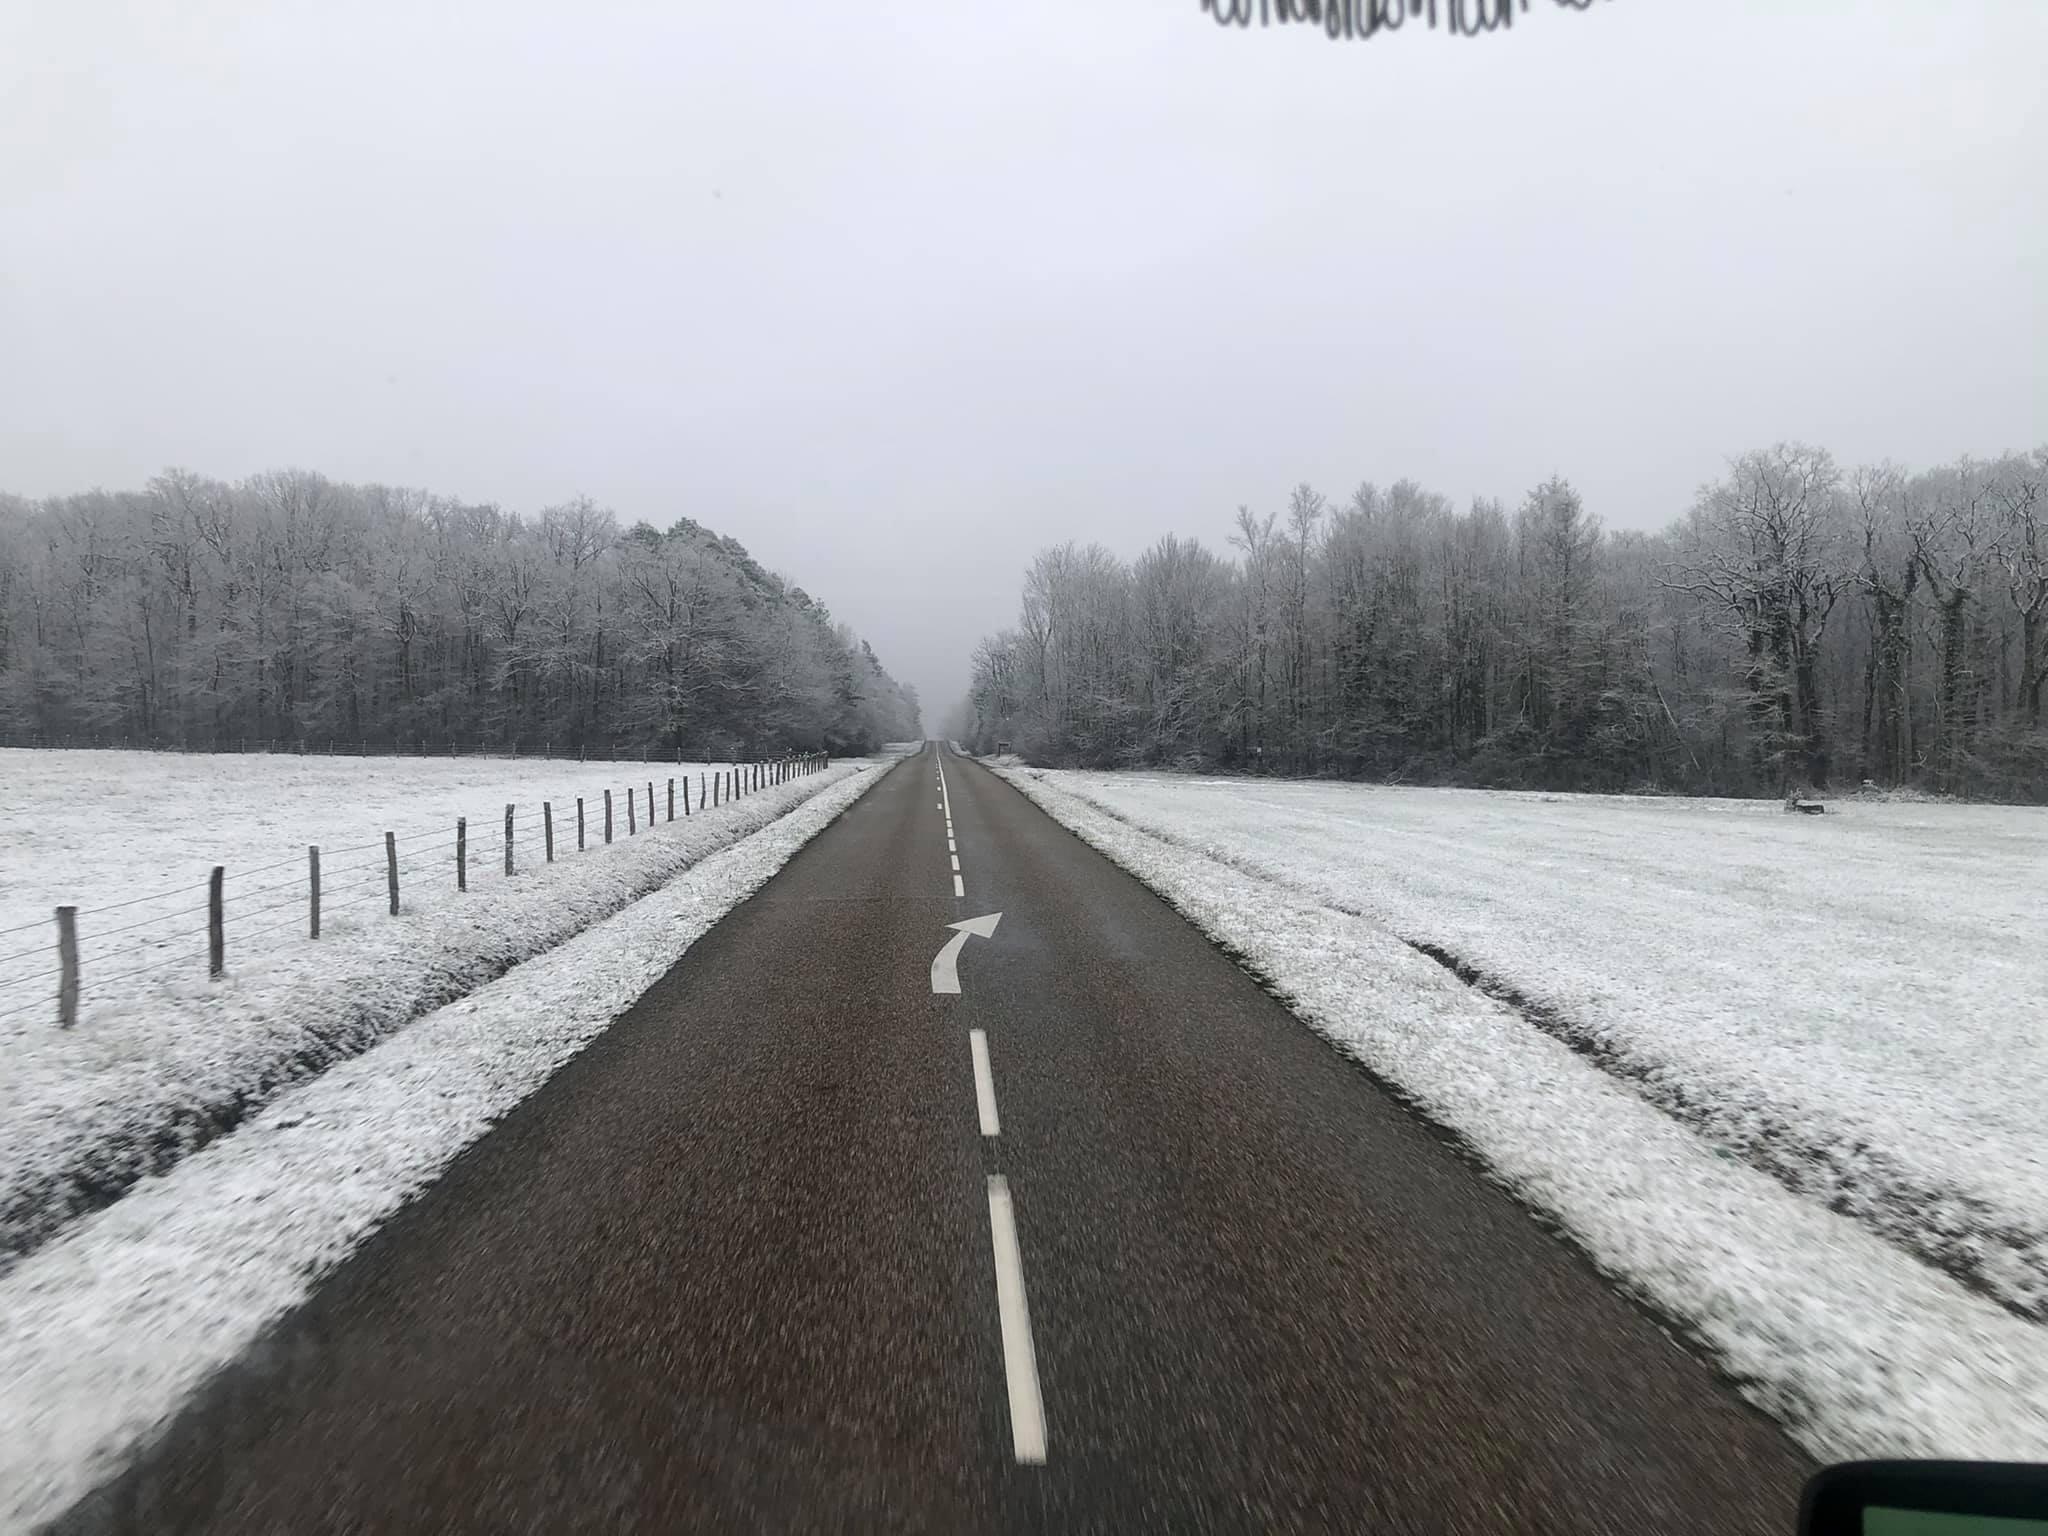 Mooi-winter-weer-6-1-2021-(3)